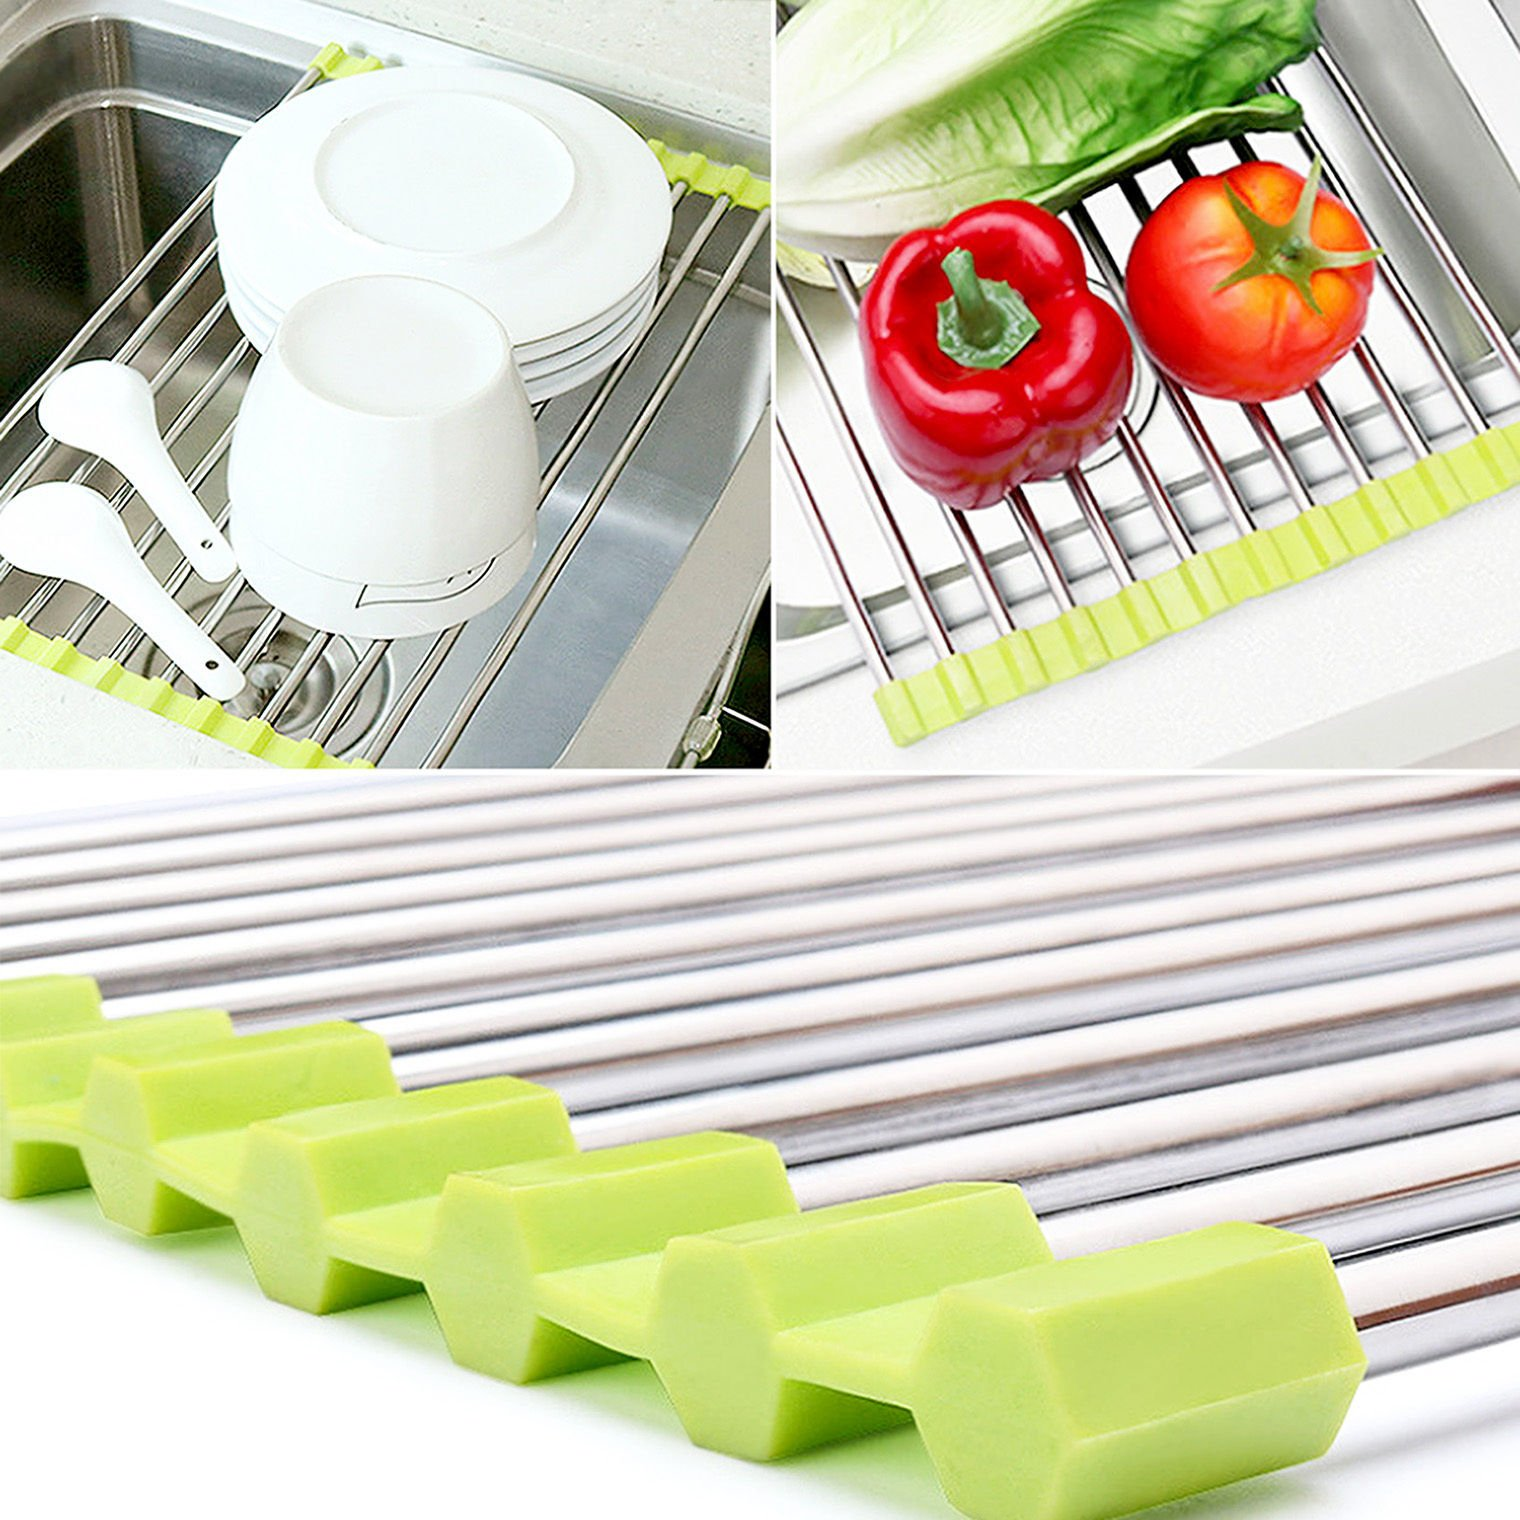 MAZIMARK--Sink Storage Dish Drying Rack Holder Fruit Vegetable Drainer Colanders Kitchen by MAZIMARK